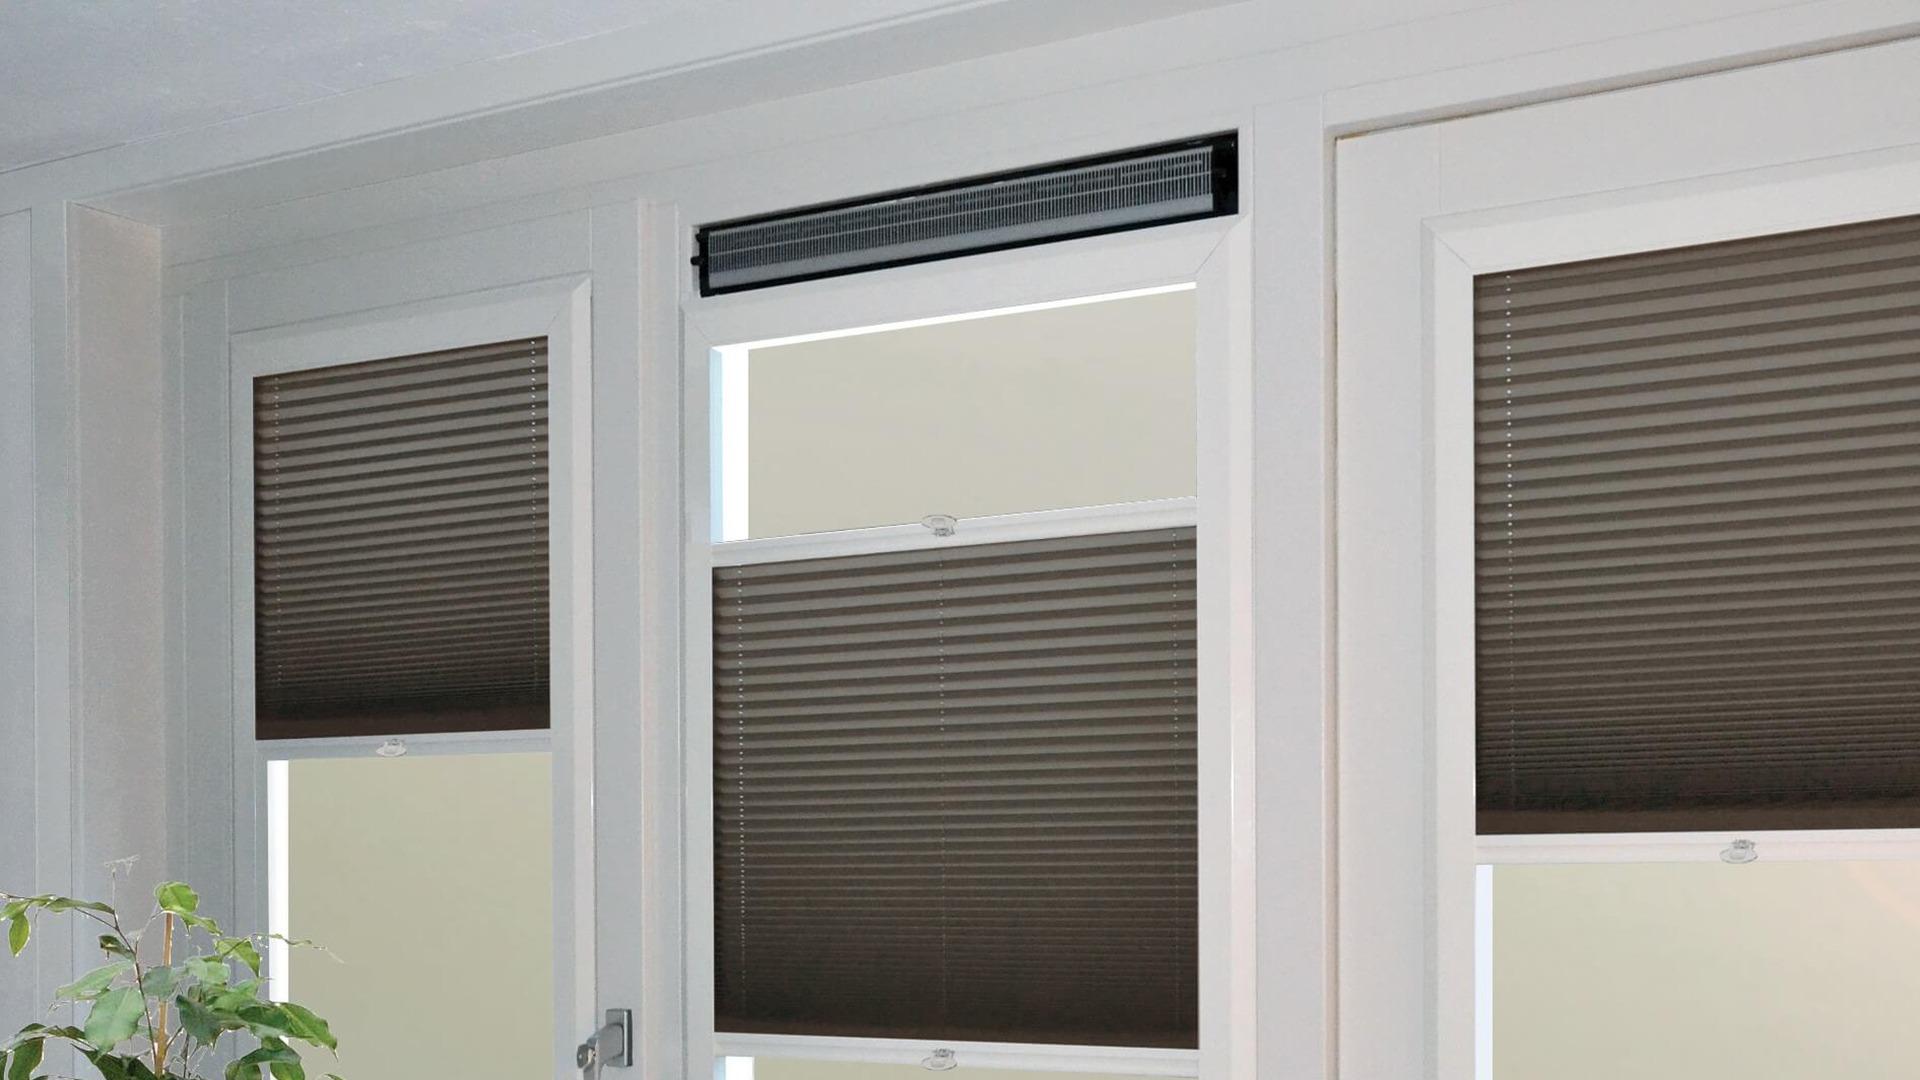 Raamdecoratie! voor al uw raamdecoratie - Madozon Zonwering Rijssen